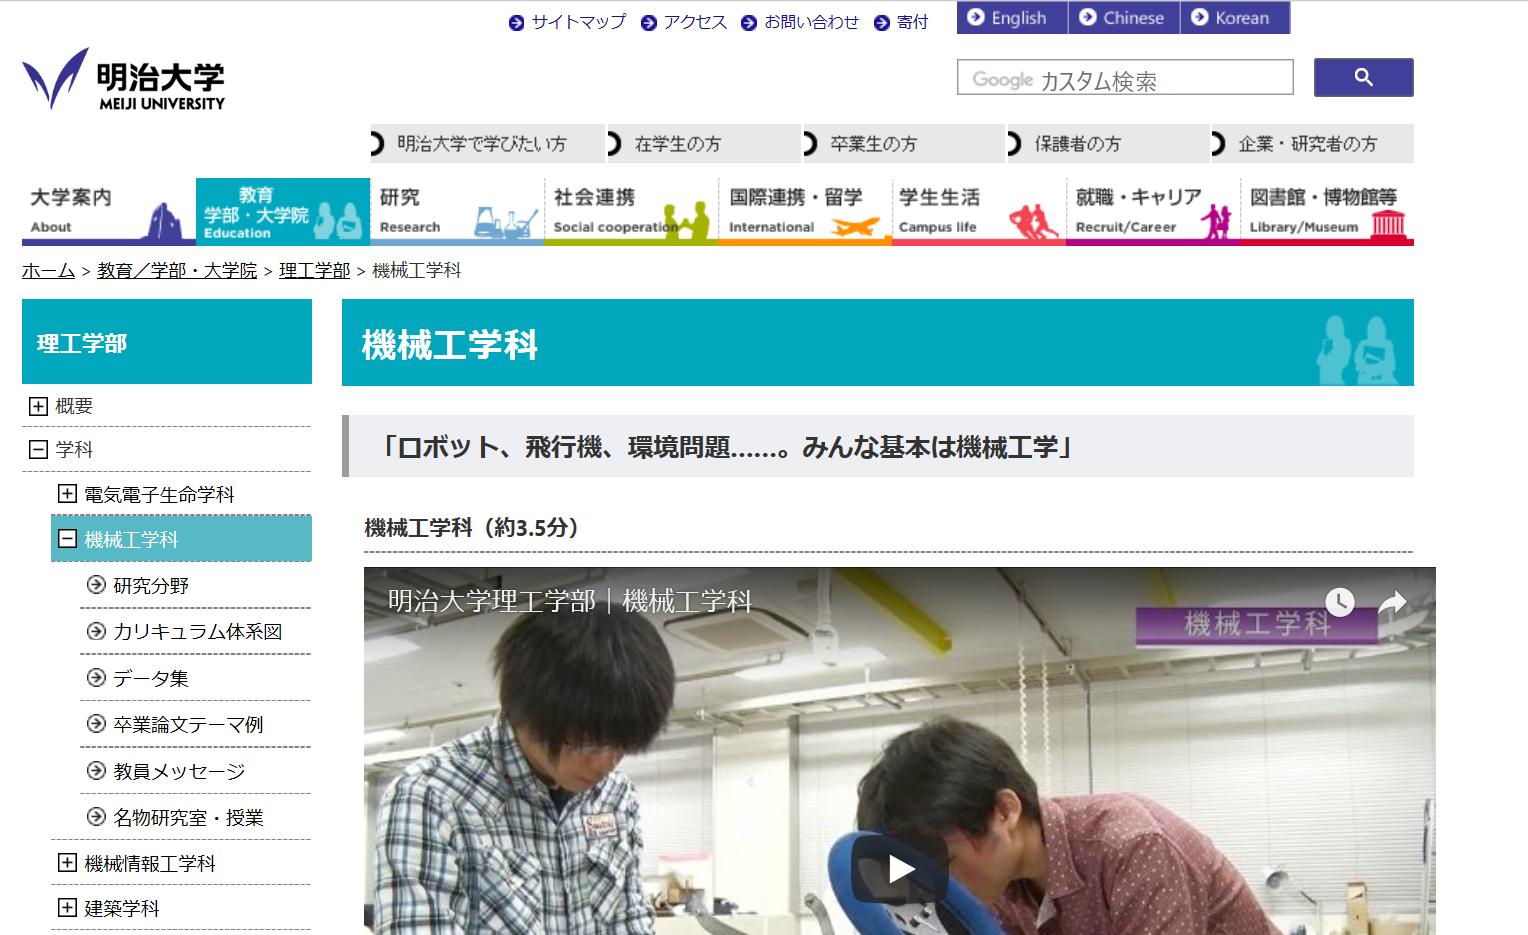 明治大学の評判・口コミ【理工学部編】